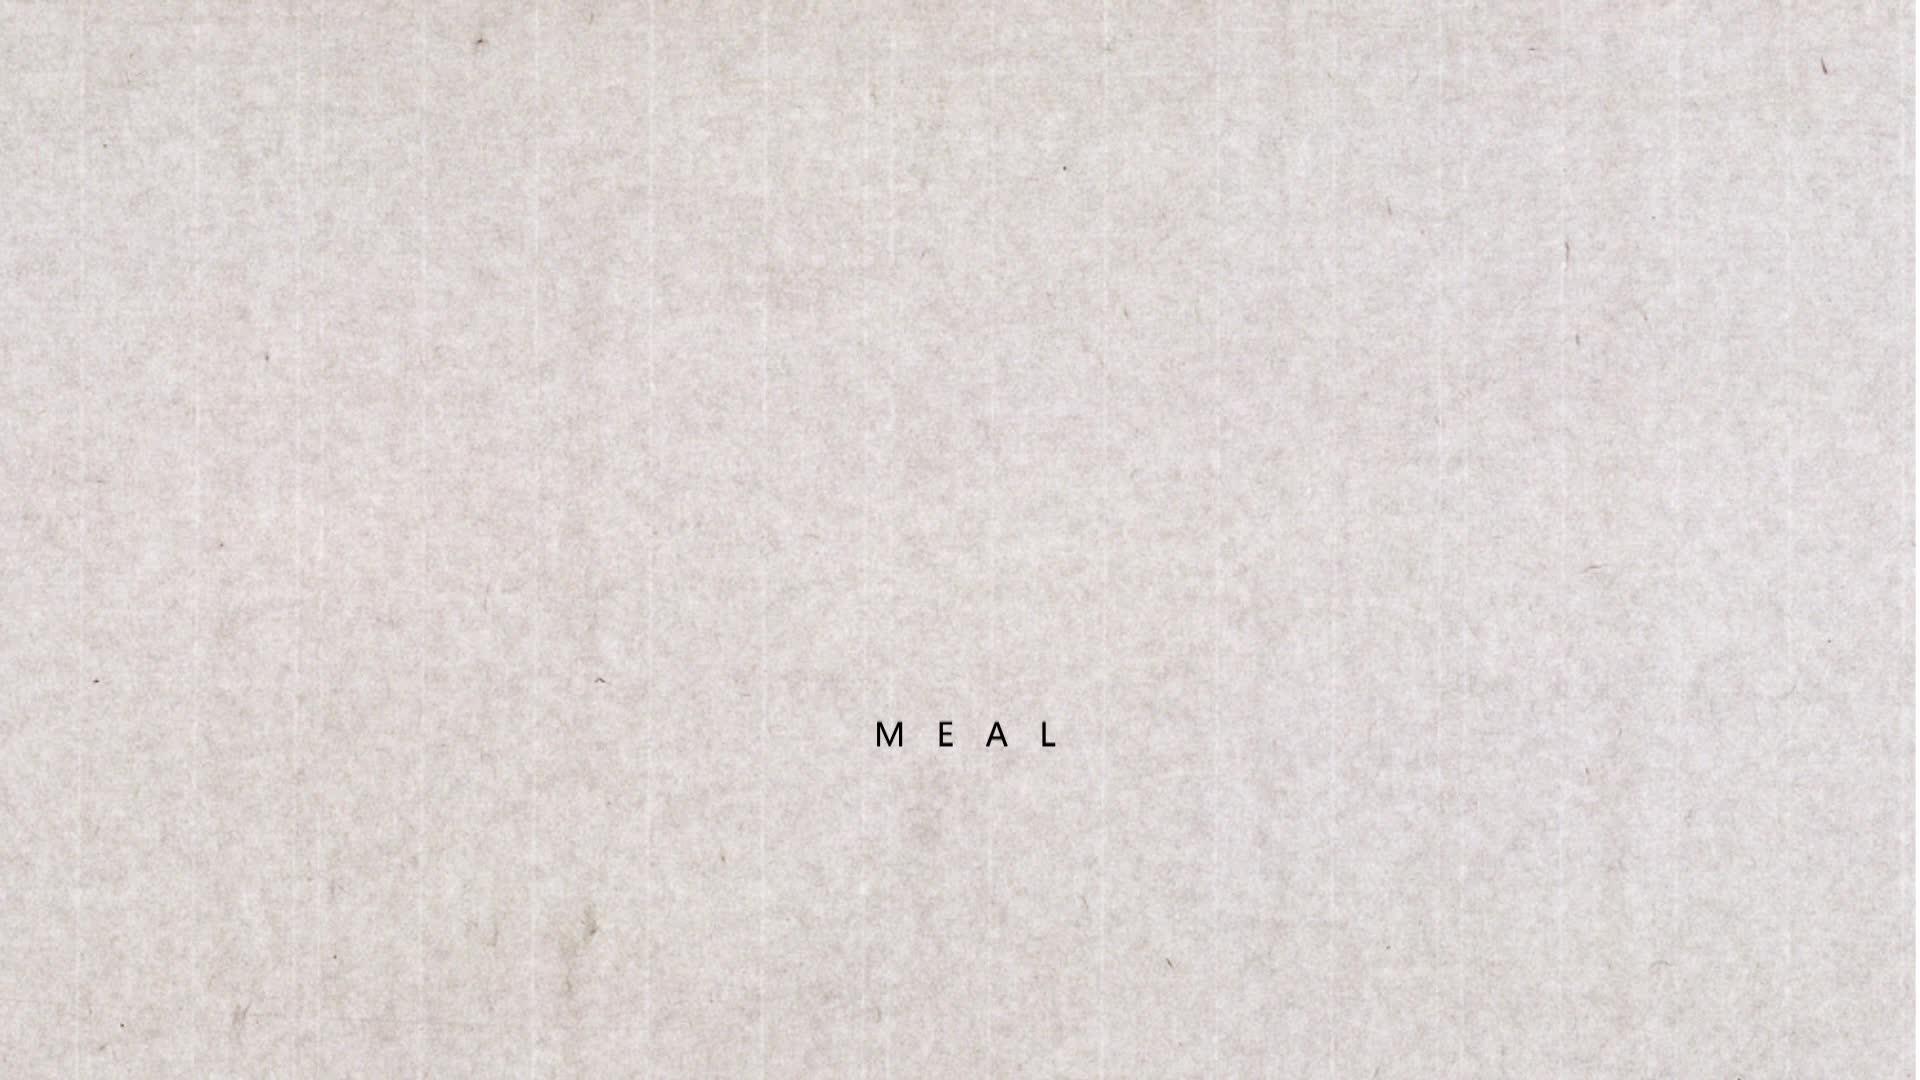 美餐:干烧鲫鱼